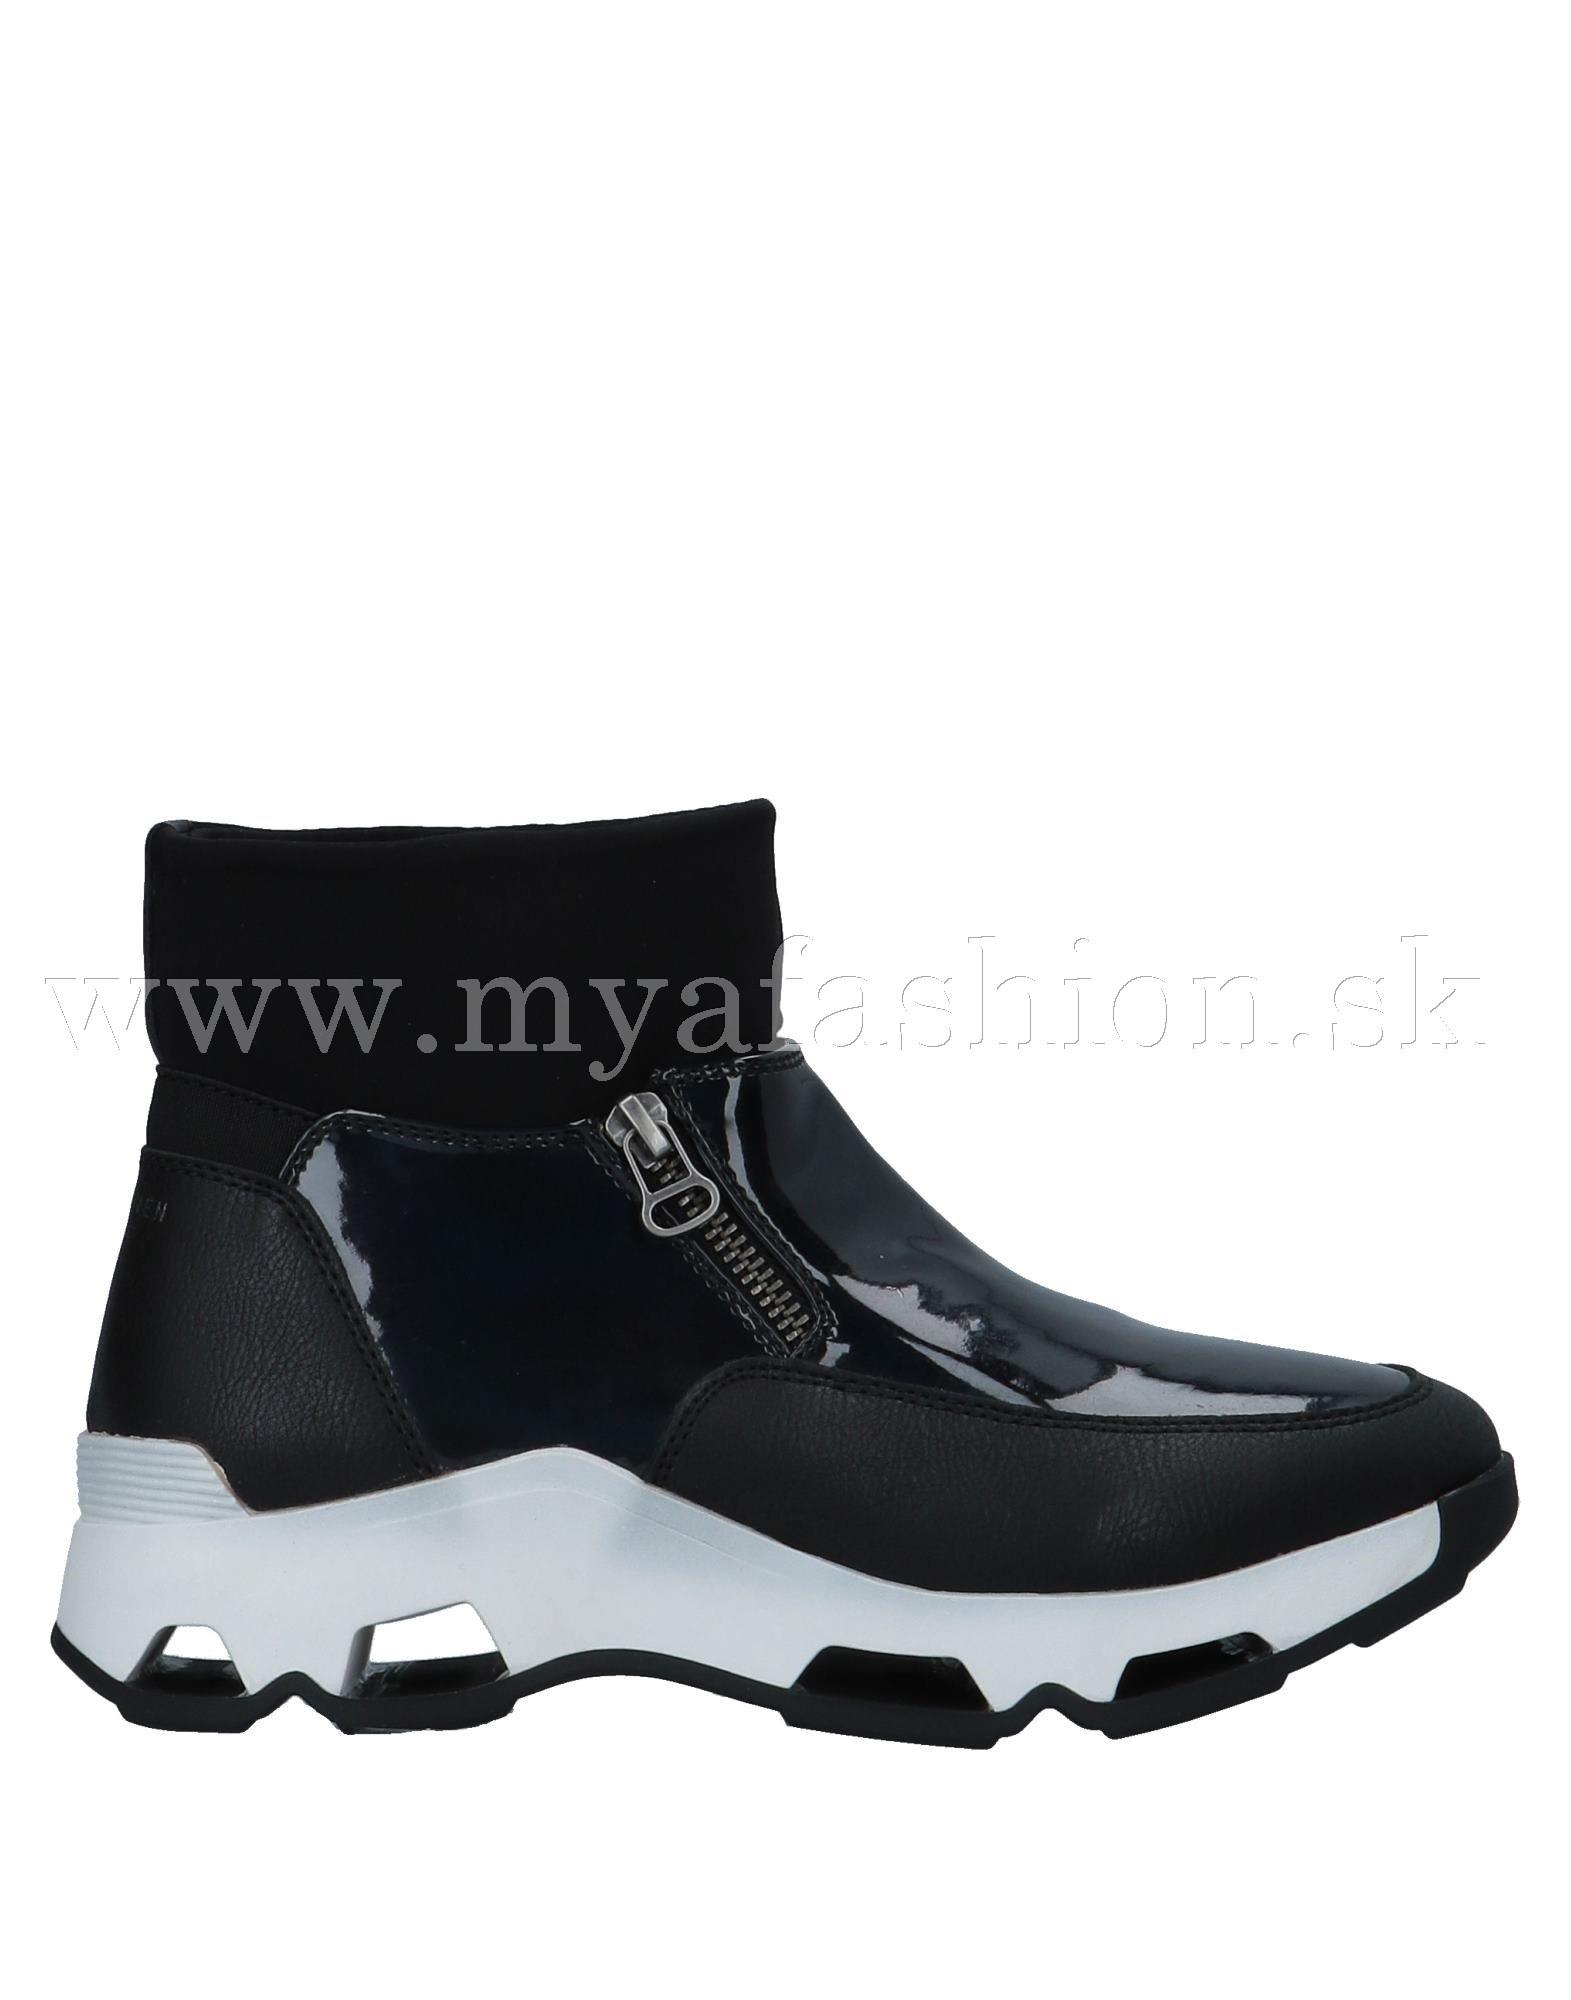 f50efd1465 Dámske čižmy - dámske pohodlné zateplené topánky